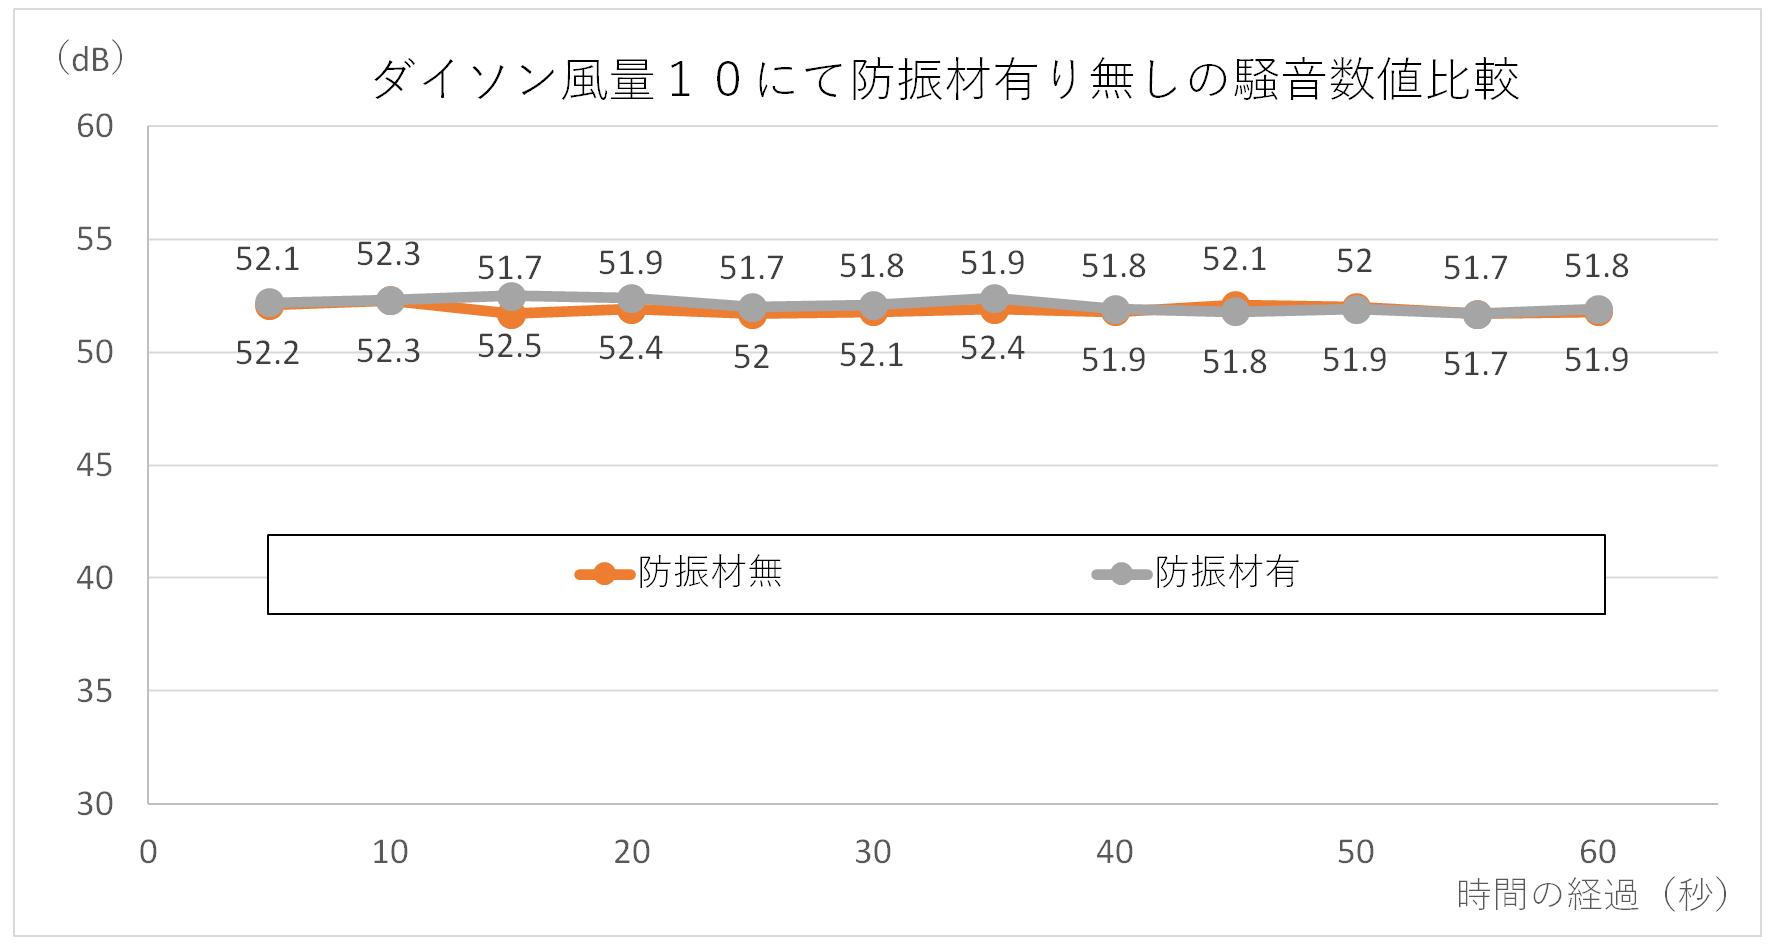 ダイソン扇風機HP04のコルク(防振材)有り、無しでの騒音値比較グラフ